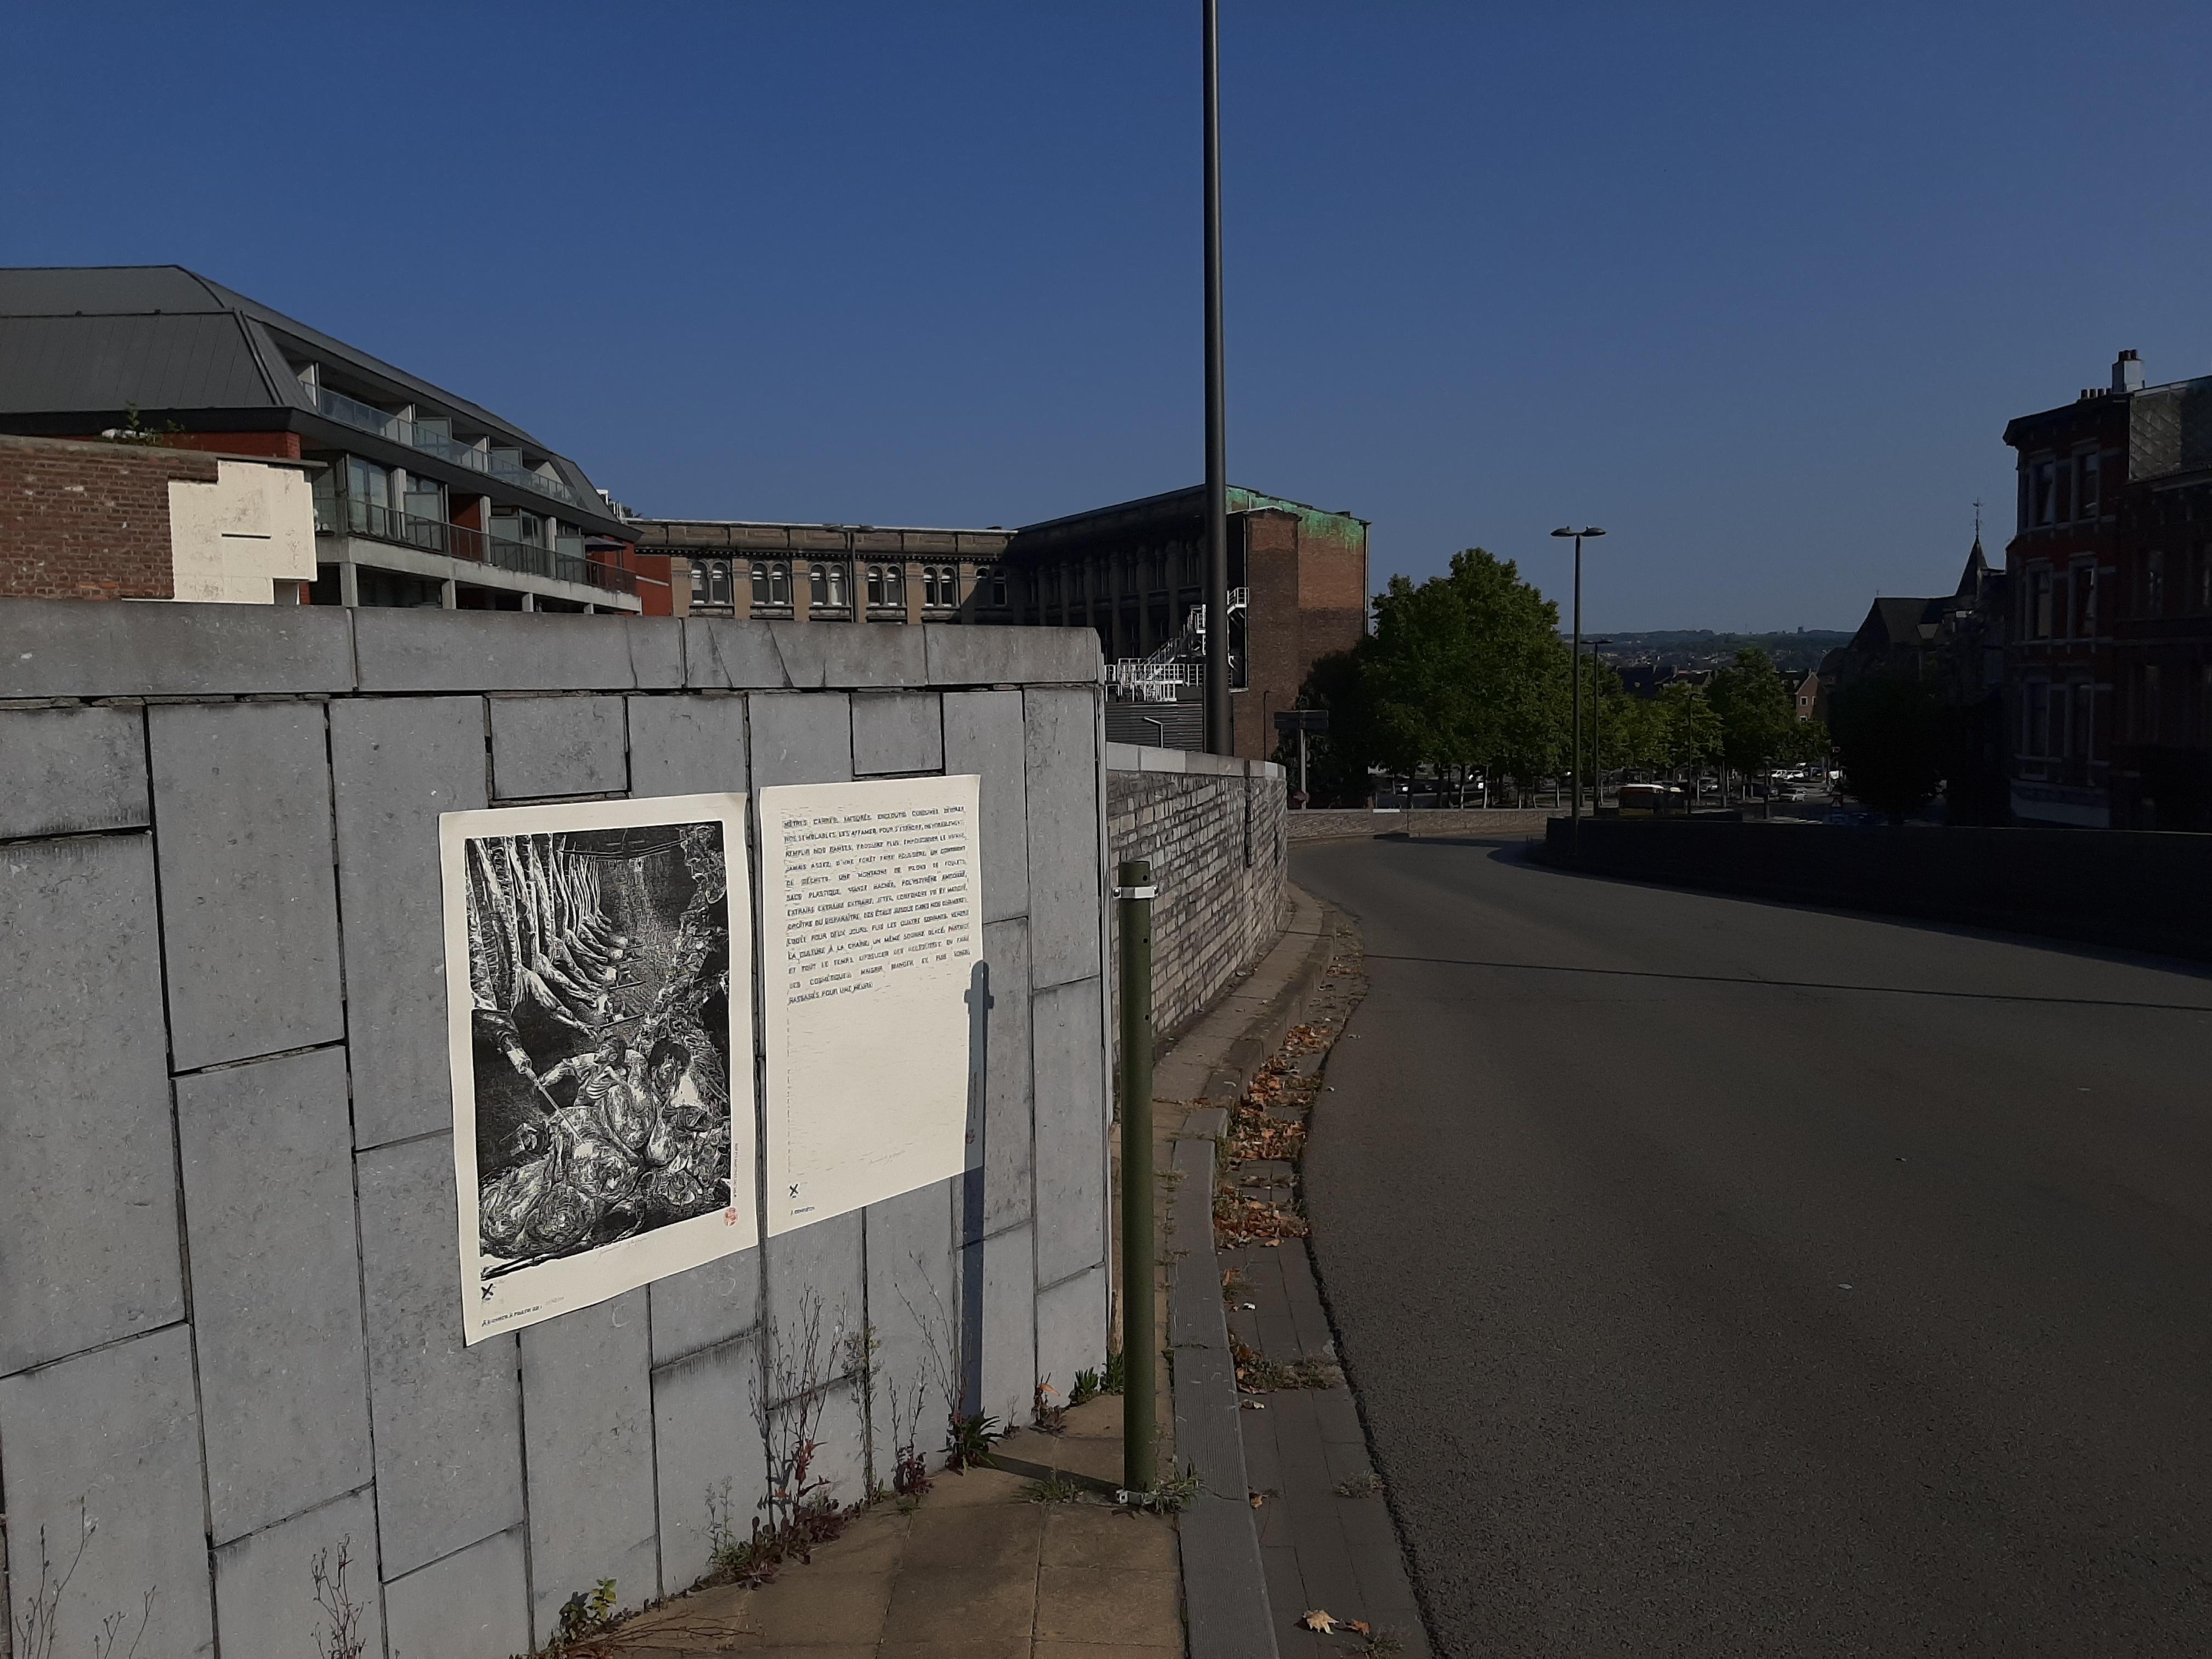 06_50, Gourmandise, rue de l'académie